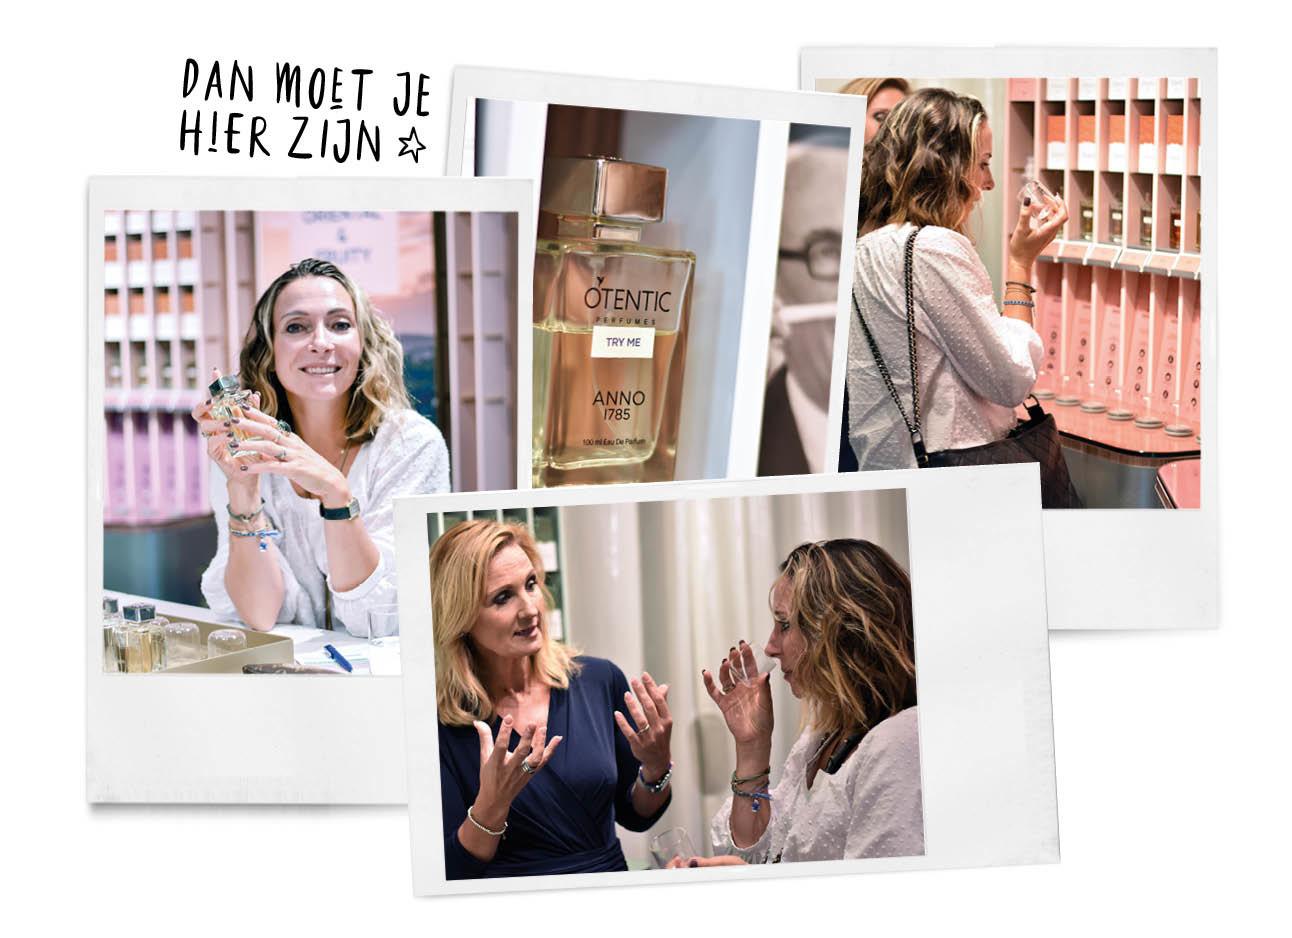 May_Britt in de winkel van Otentic, ze staat voor een roze stelling met een mevrouw in het blauw en houdt parfum flesjes vast